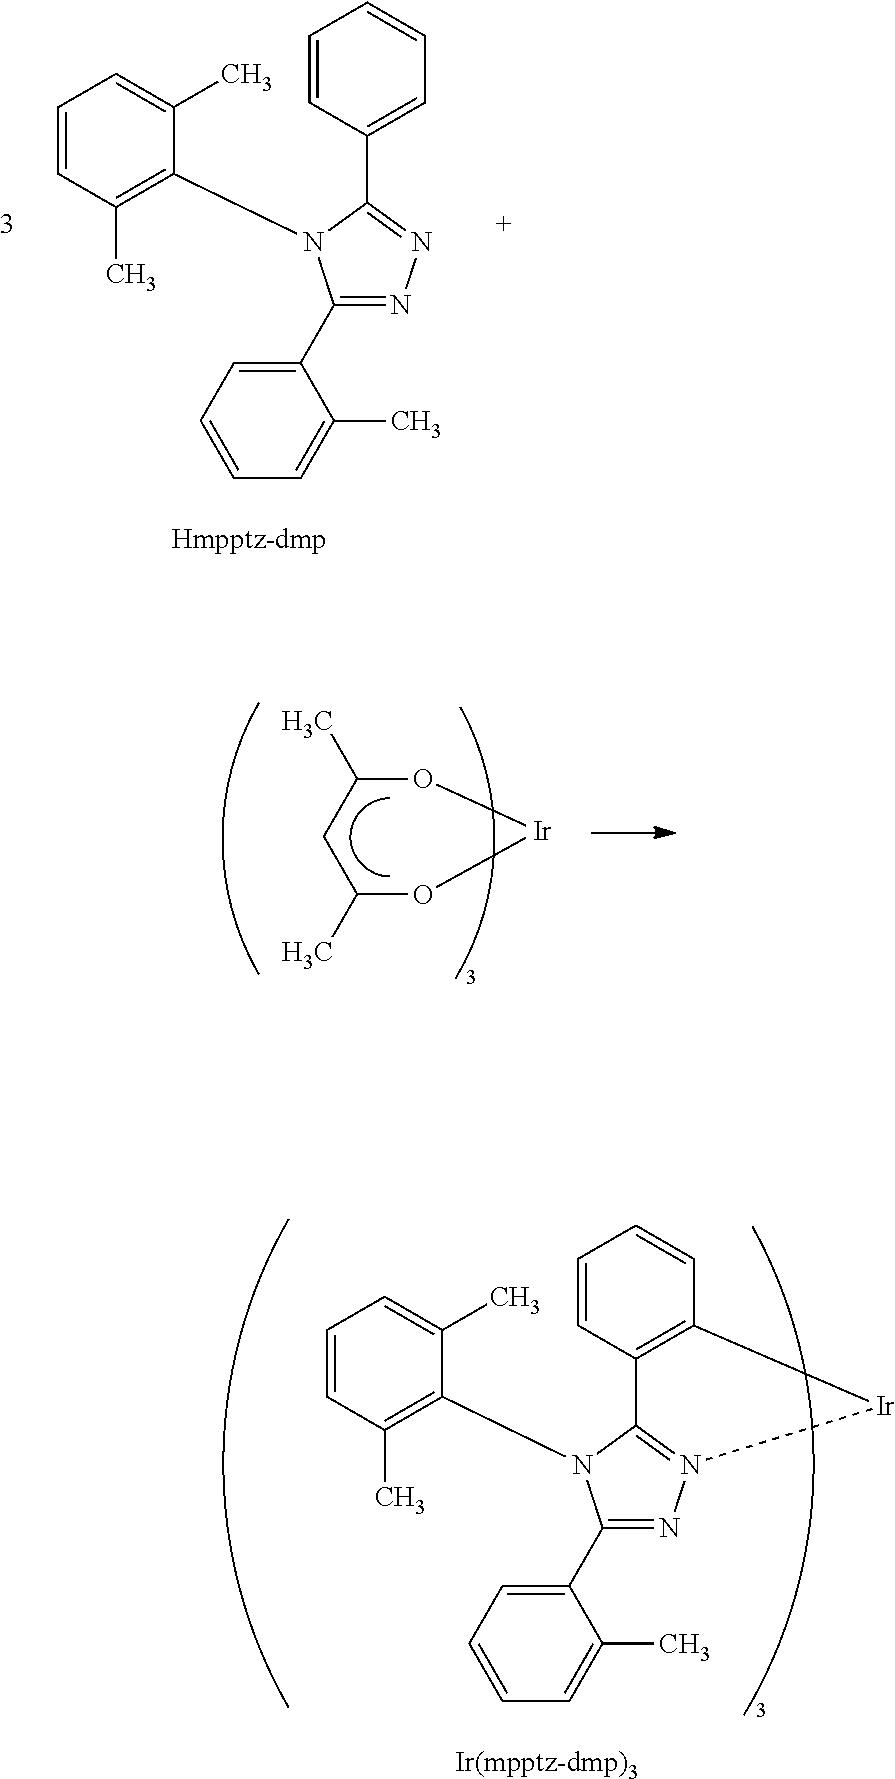 Figure US10121984-20181106-C00018